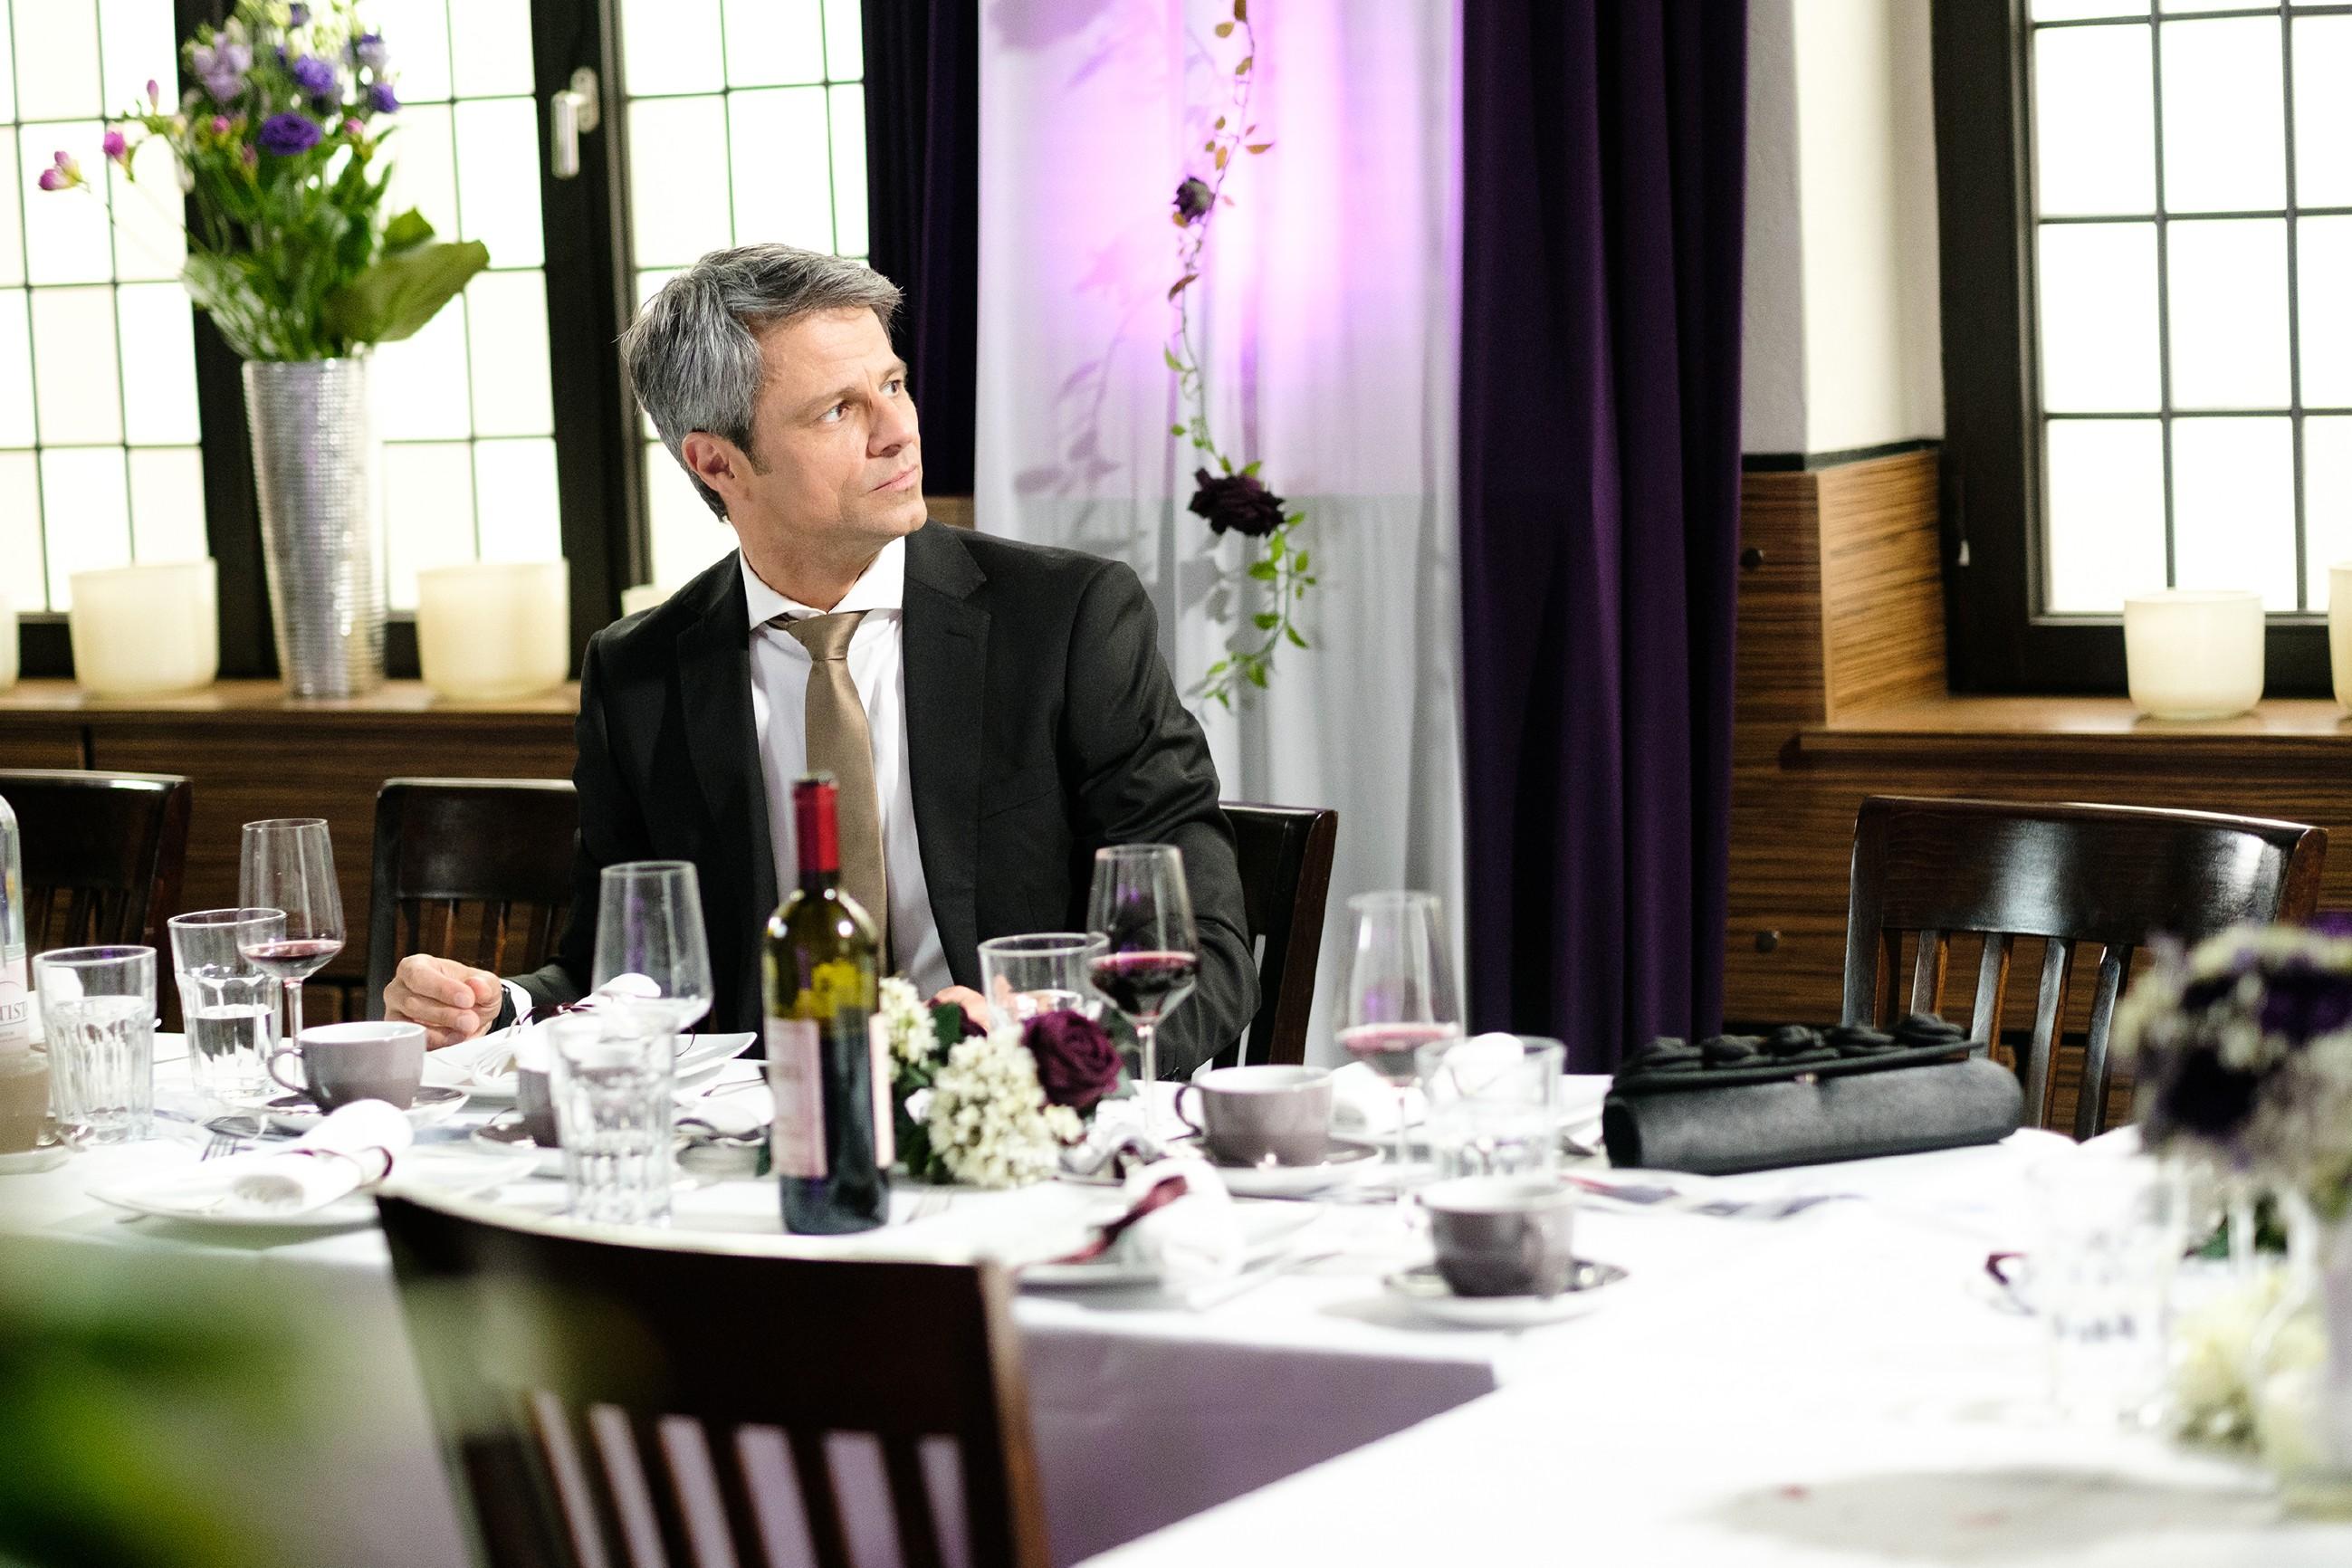 Benedikt (Jens Hajek) versucht sich auf der Hochzeitsfeier von Irene und Robert seiner Frau wieder etwas anzunähern, doch Andrea bleibt distanziert. (Foto: RTL / Stefan Behrens)